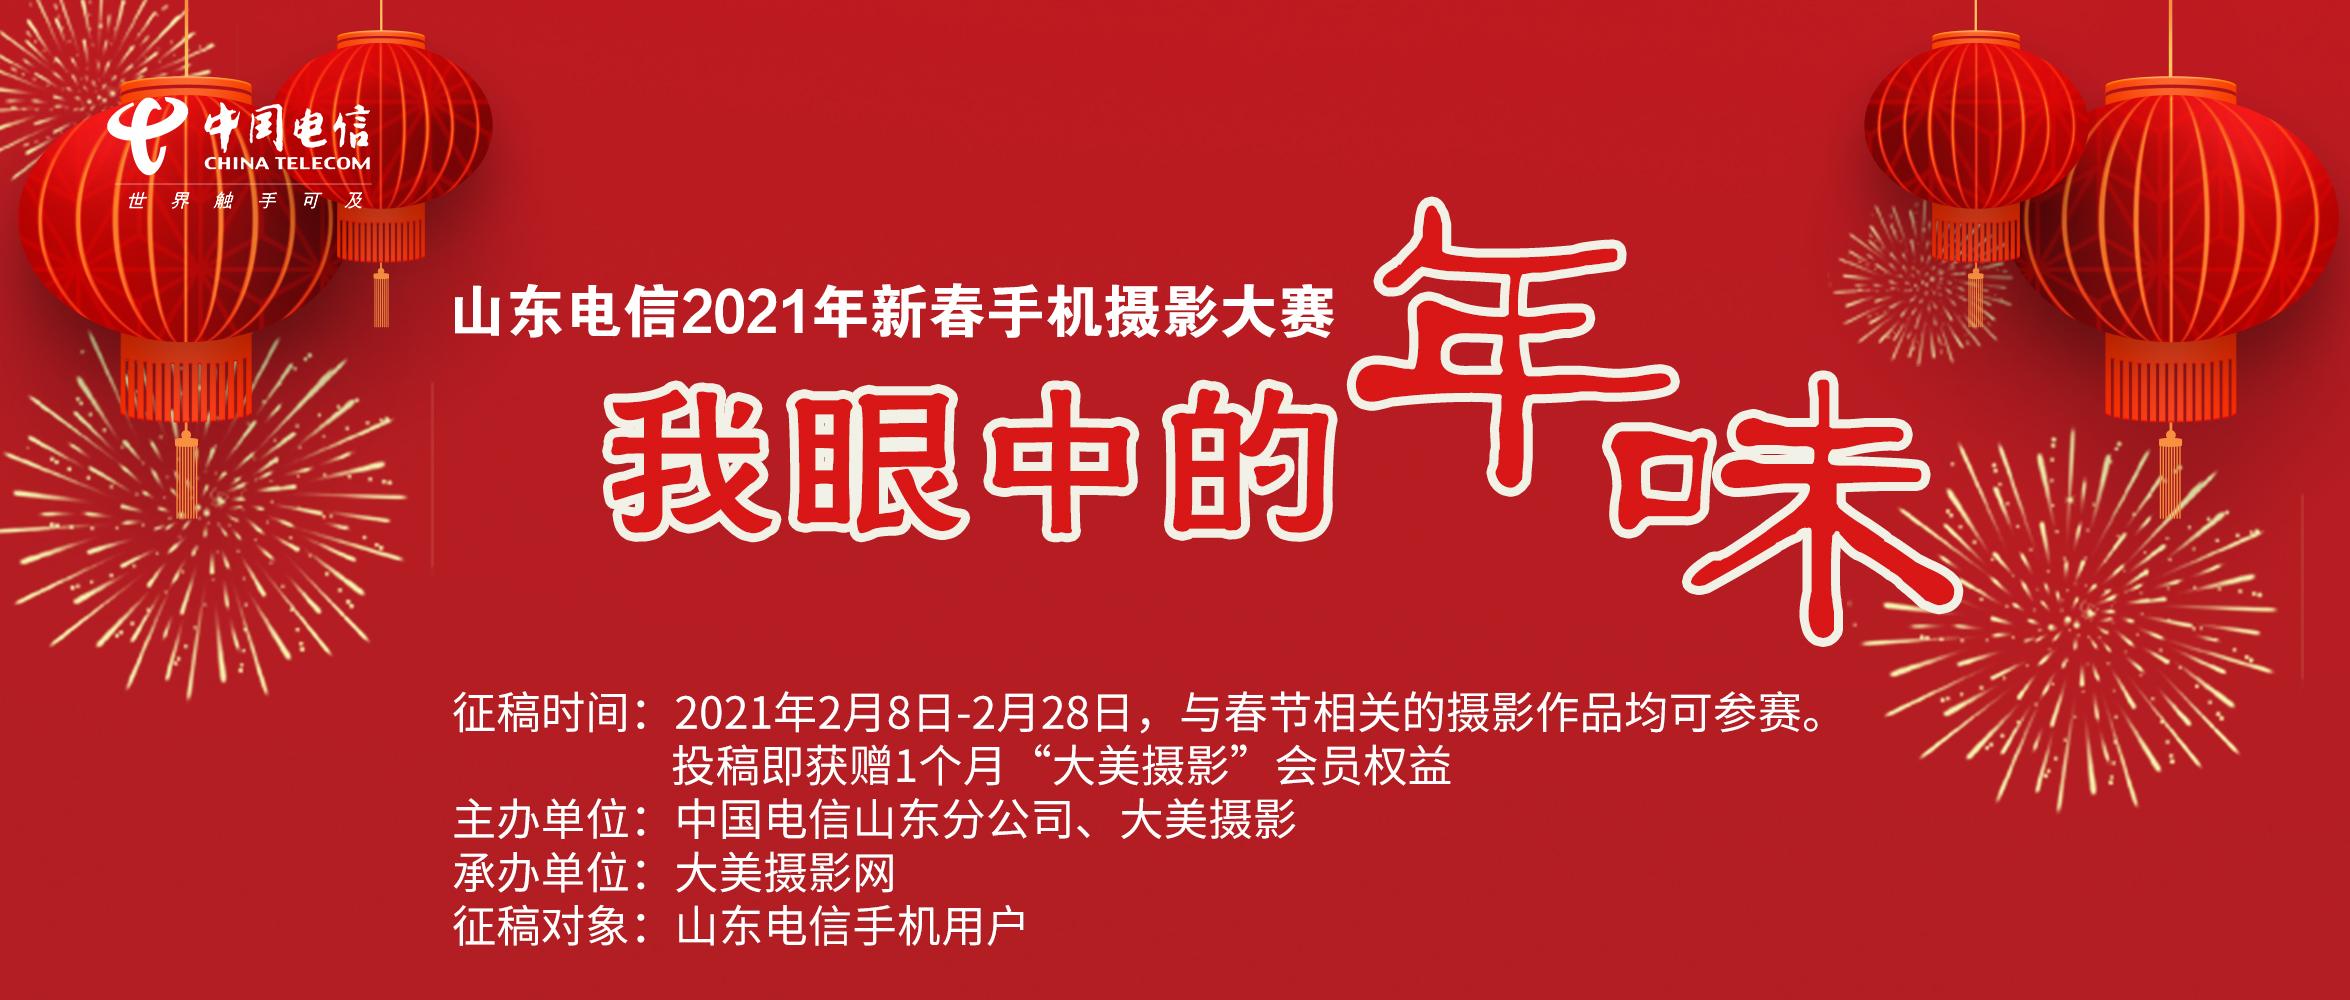 山东电信2021年新春手机摄影大赛2350-1000.jpg